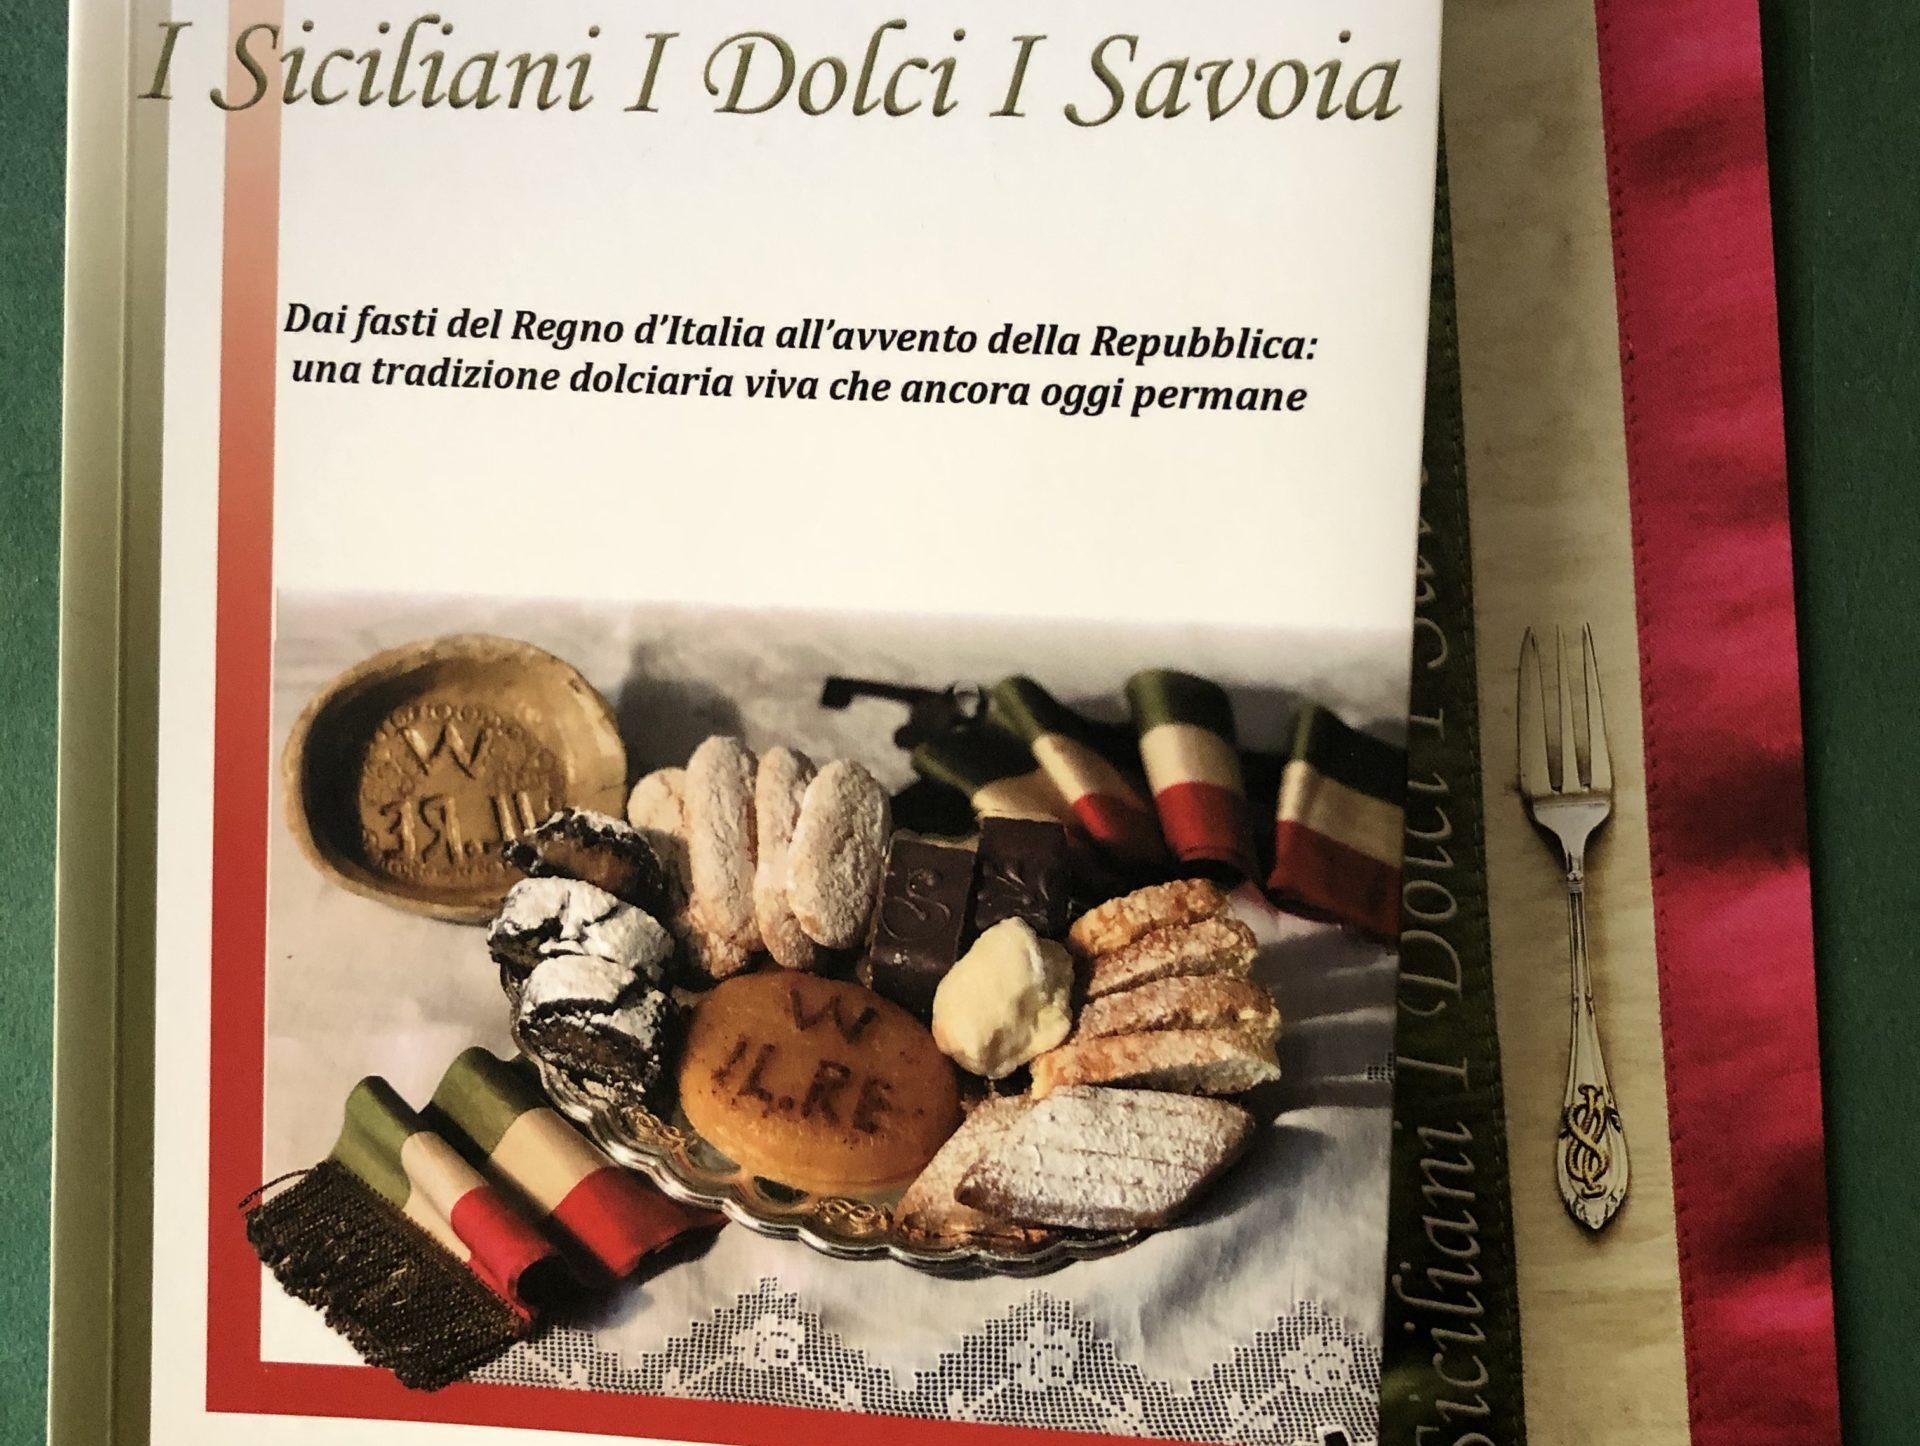 Non solo savoiardi, Franco Di Guardo e i dolci siciliani dedicati ai Savoia